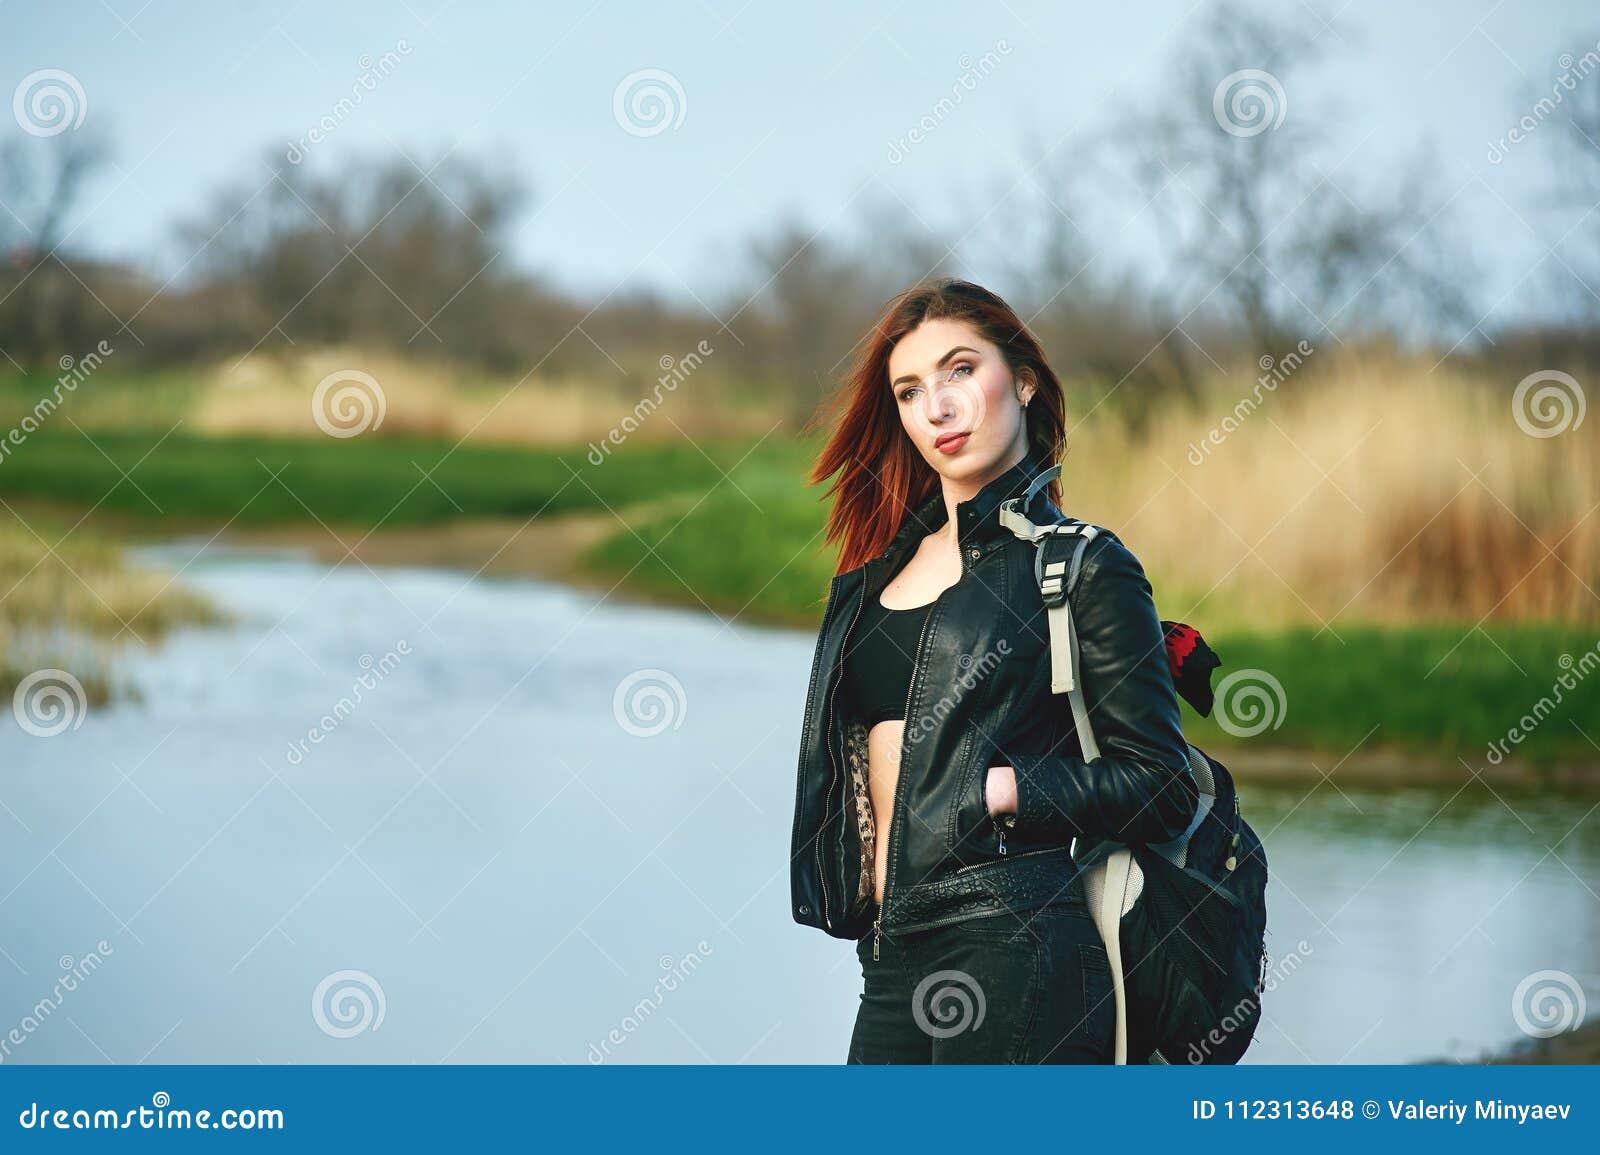 春天步行的快乐的少妇